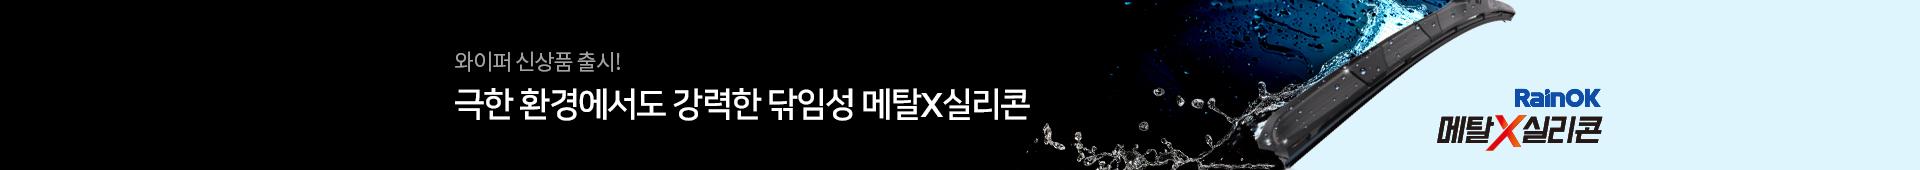 메인_띠배너3